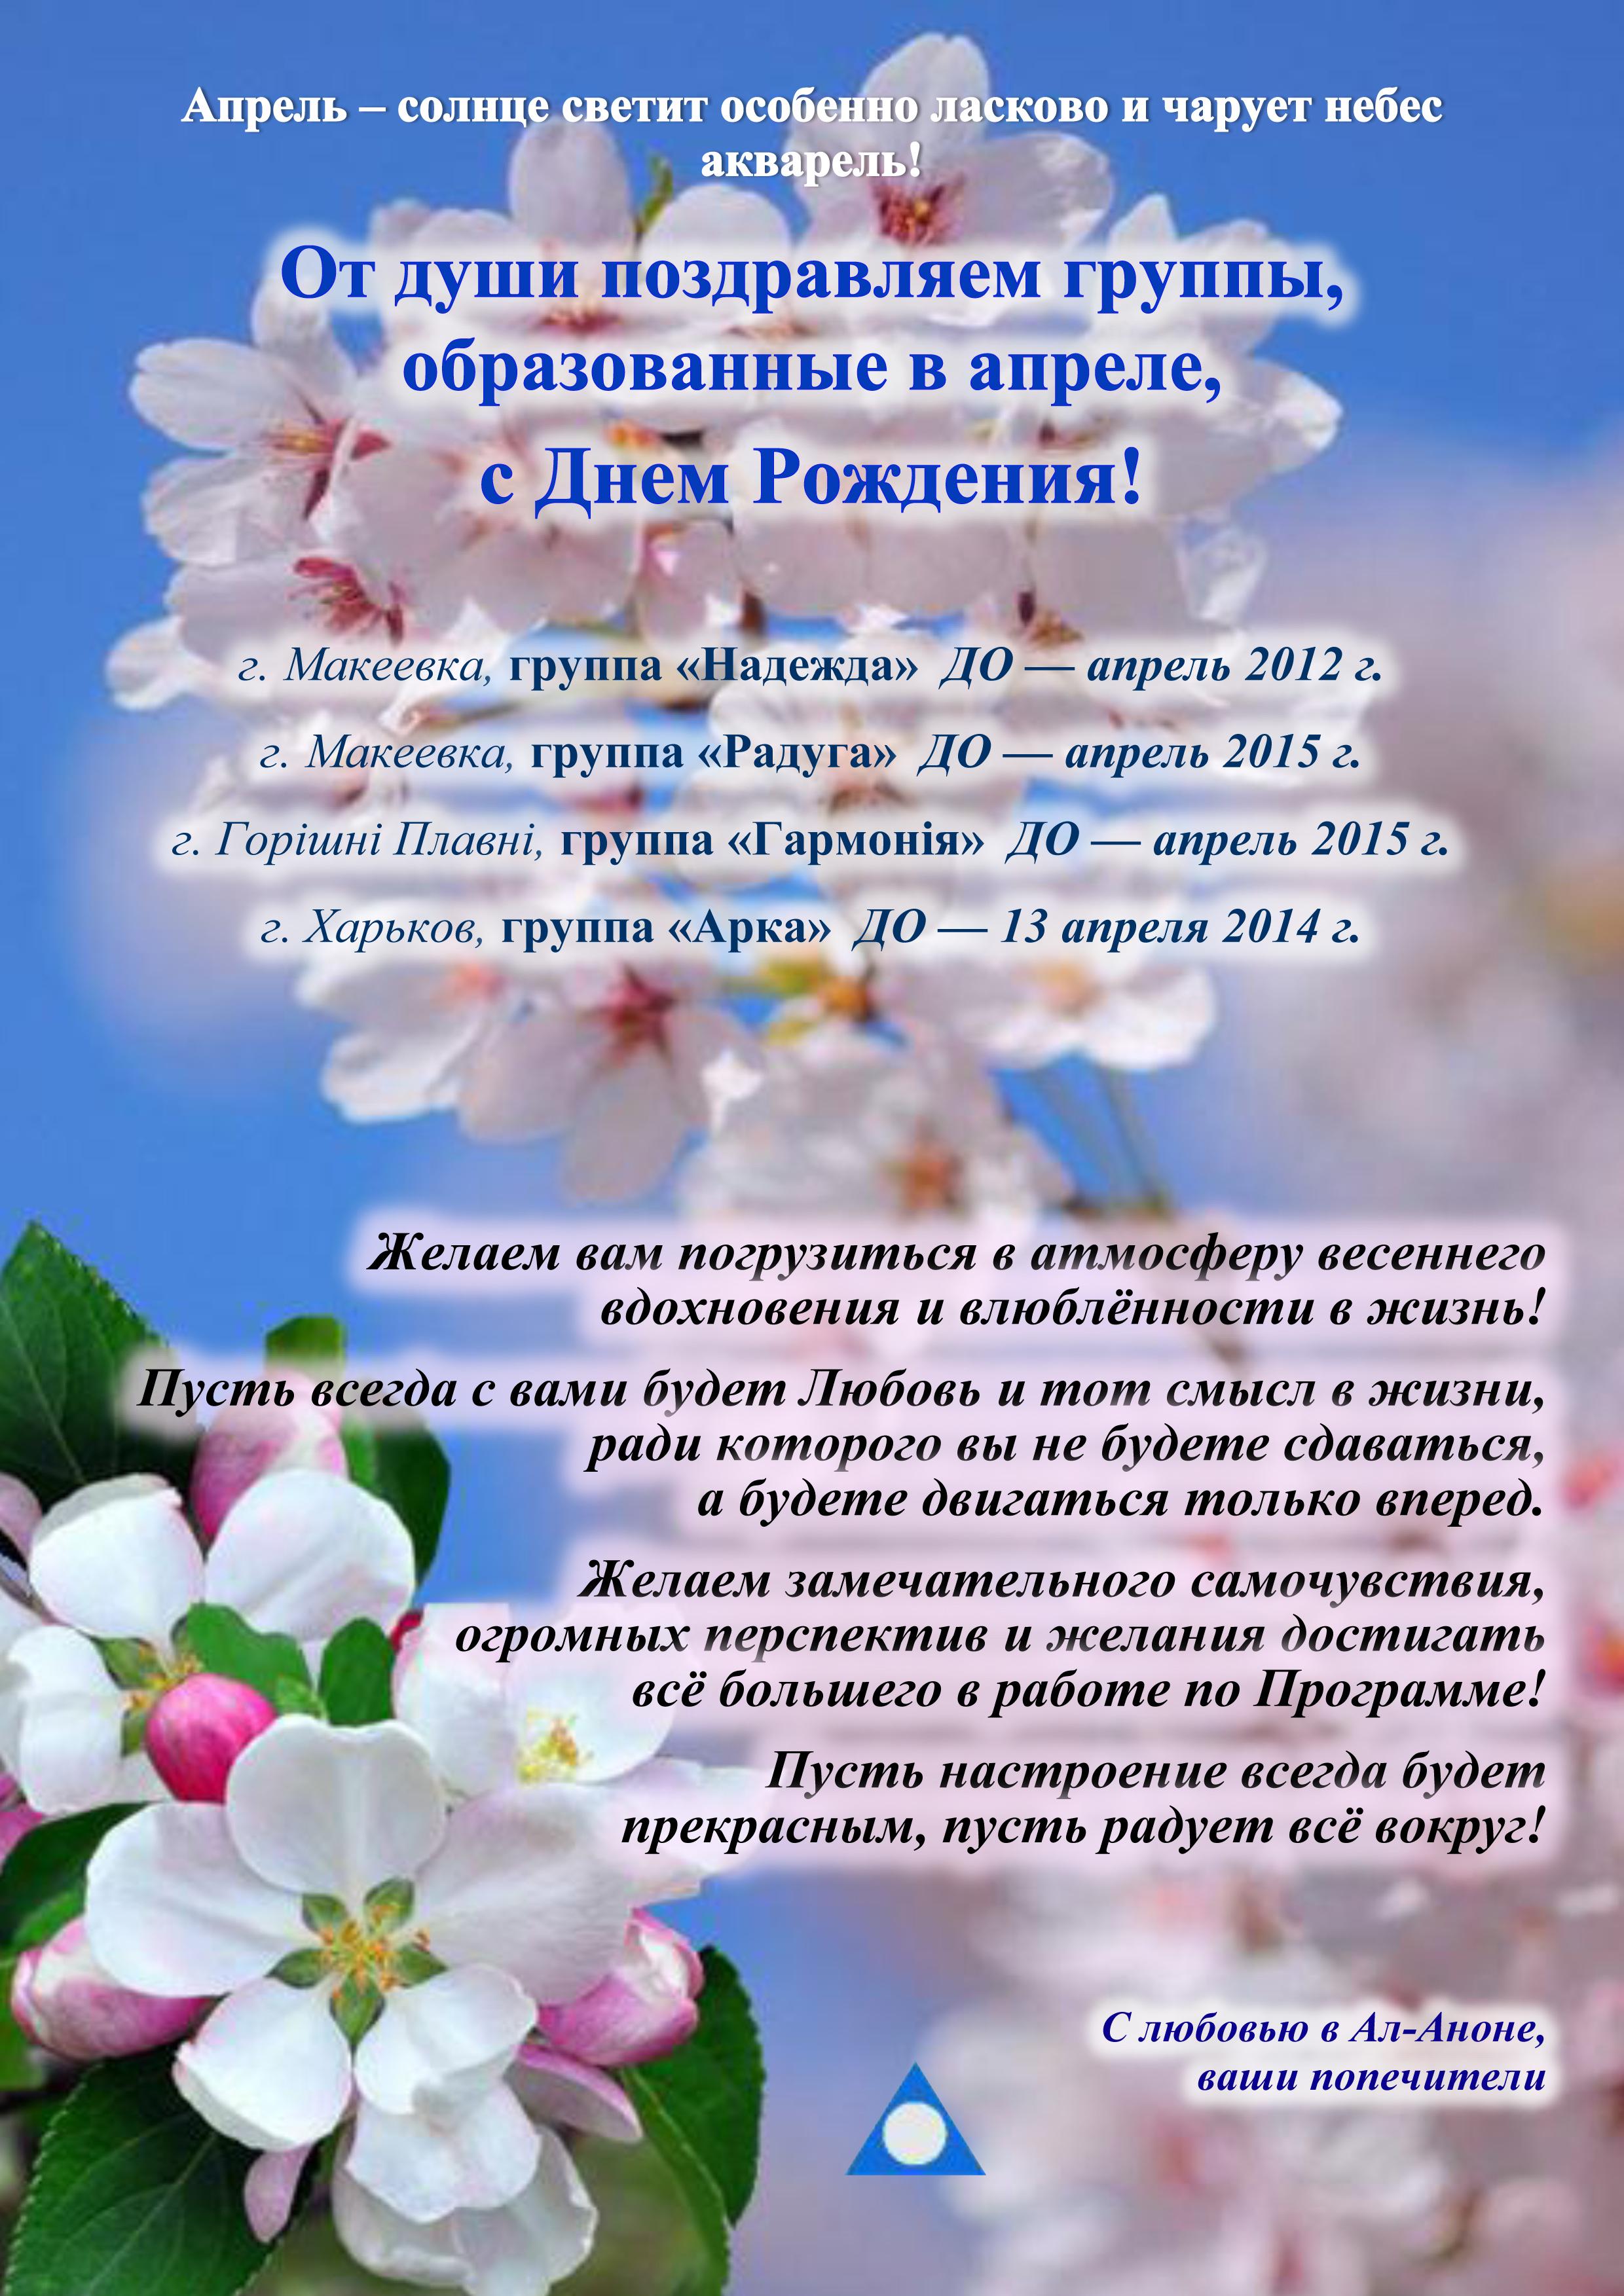 Поздравление днём рождения апрель